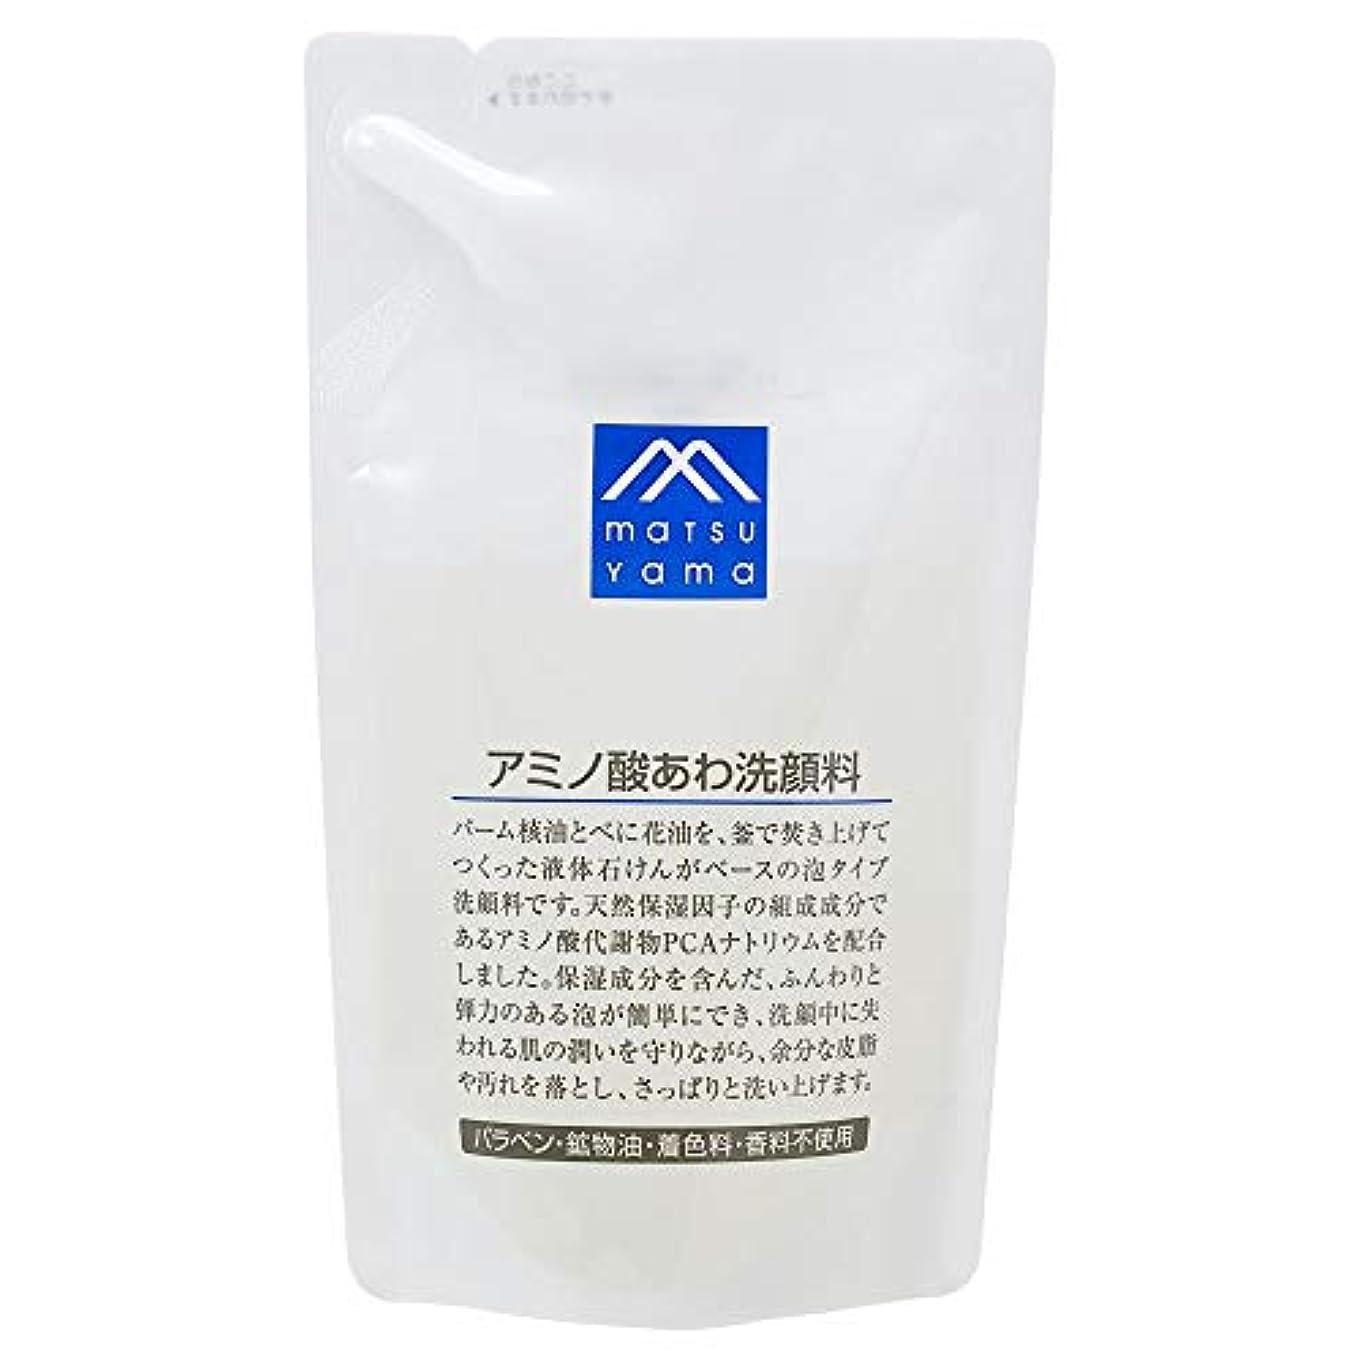 しょっぱい噛む形容詞Mマーク(M-mark) アミノ酸あわ洗顔料 詰替用 120mL